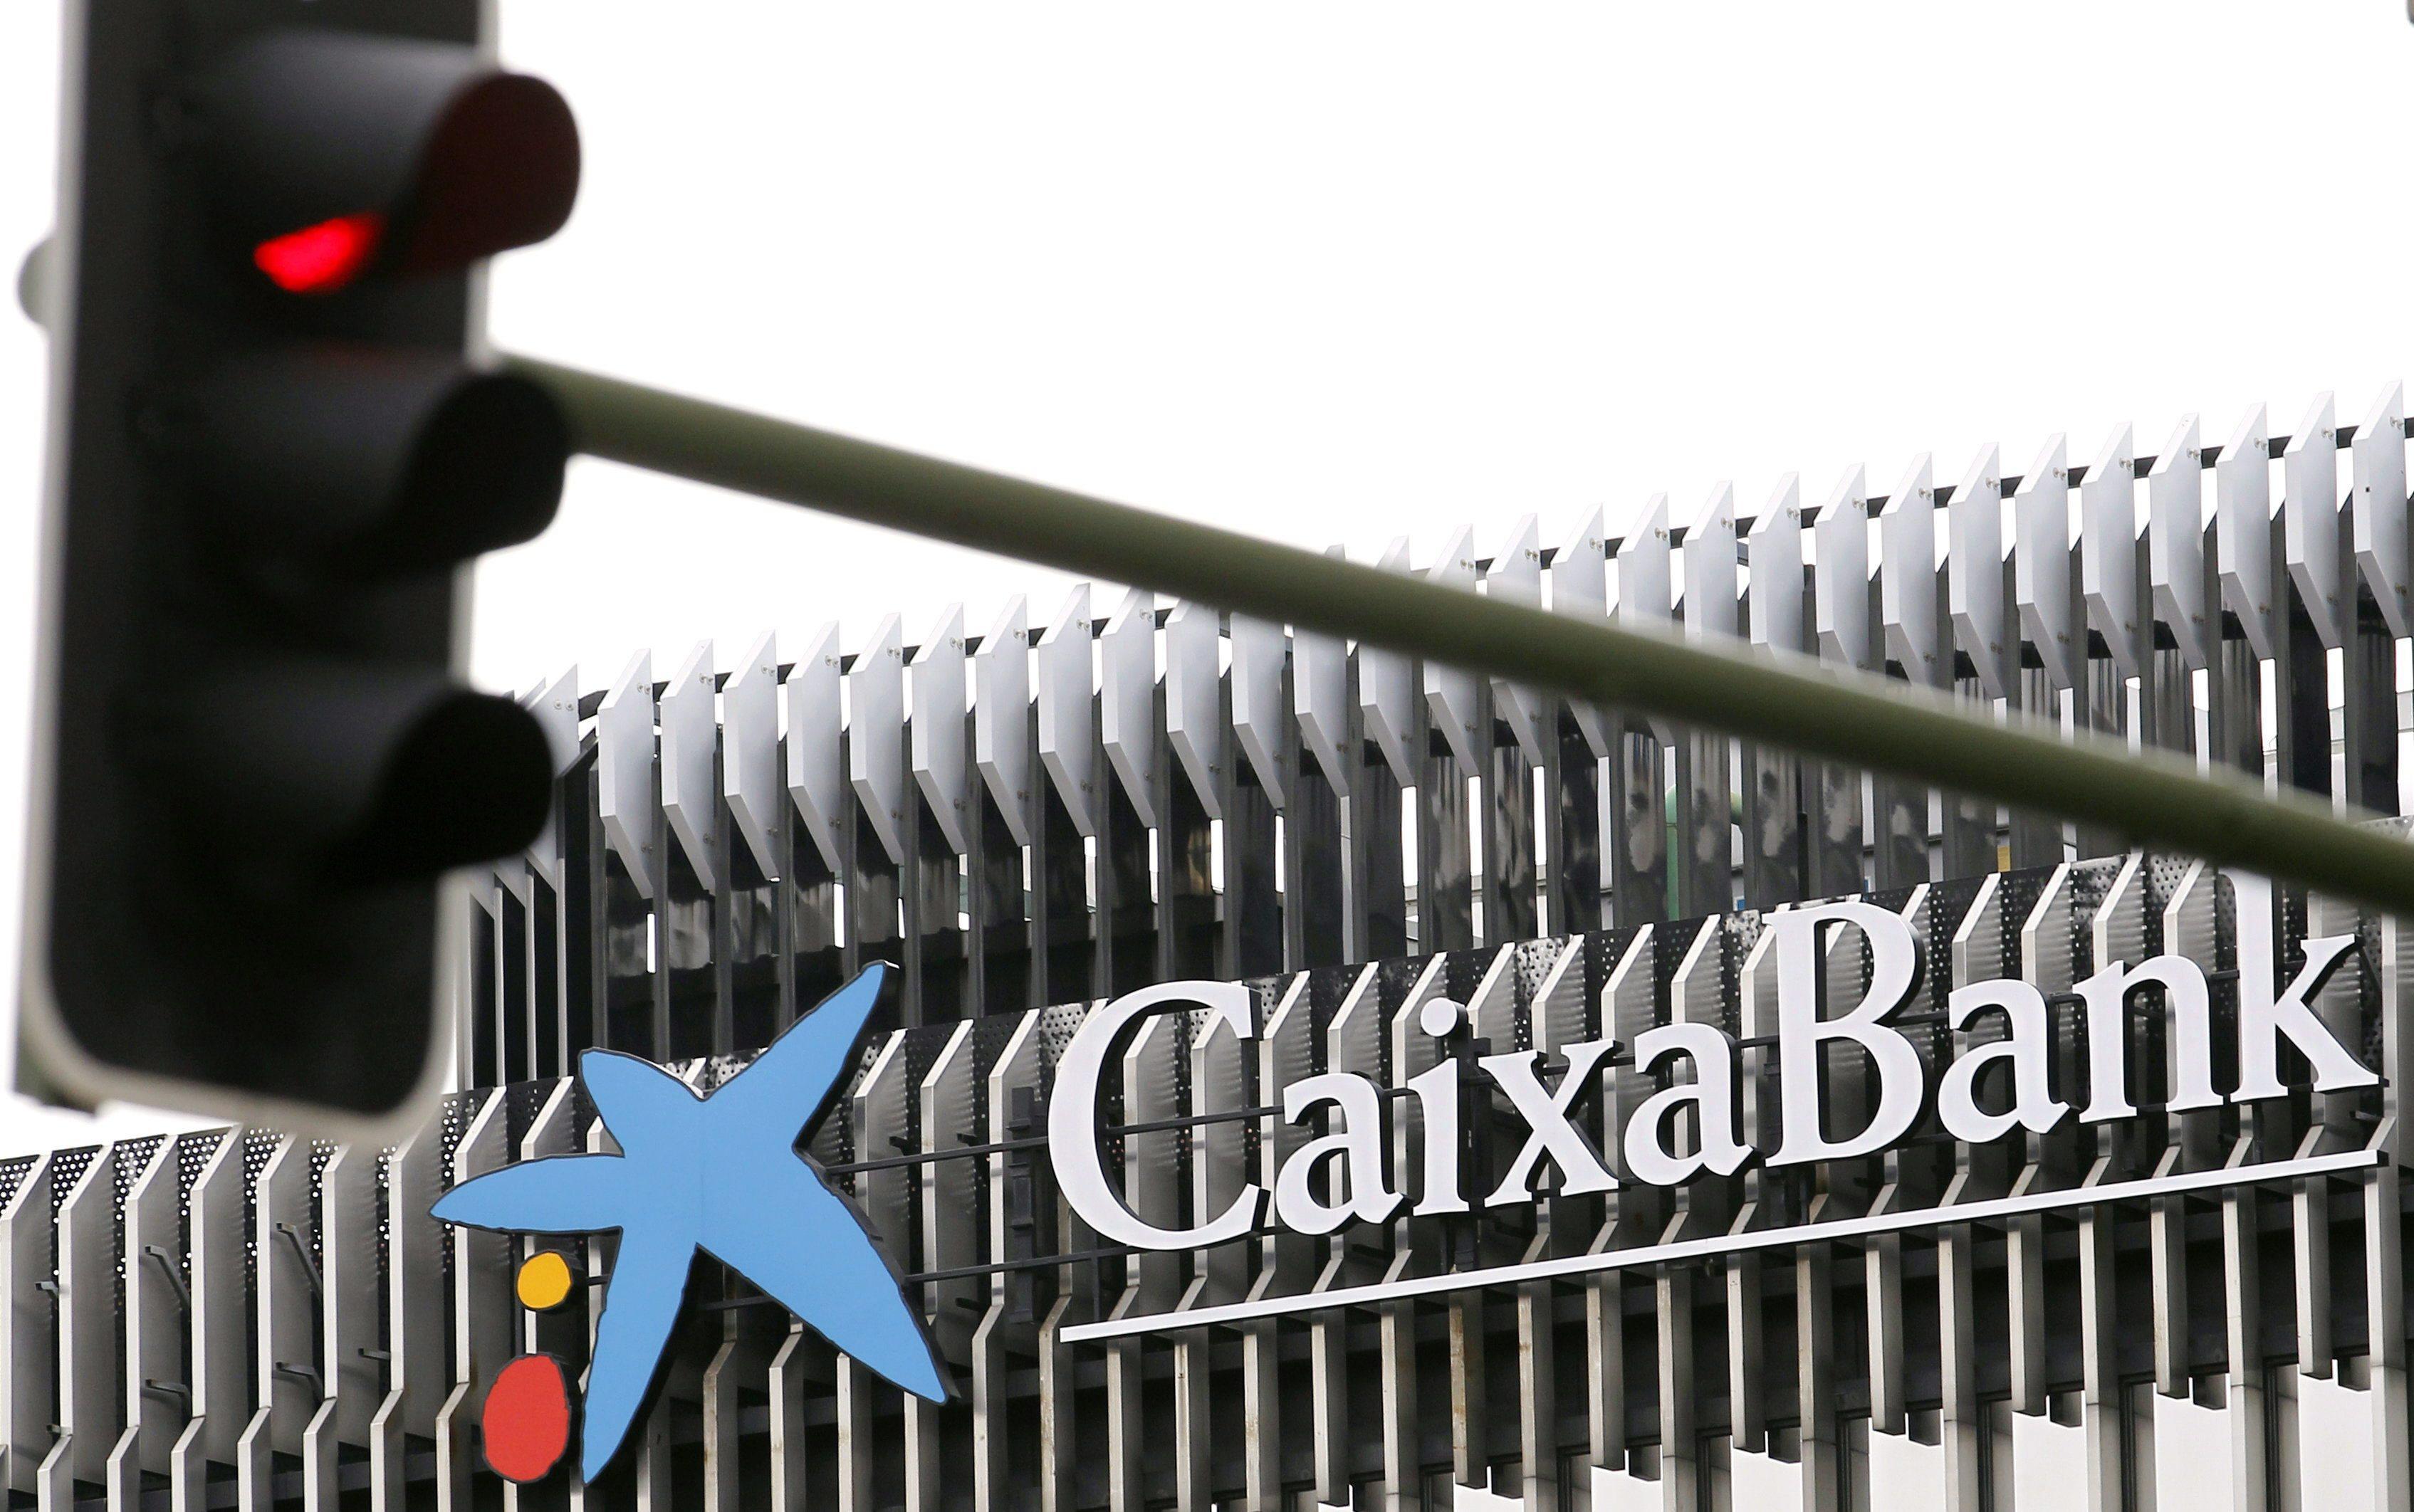 Pequenos acionistas avançam com ações judiciais se CaixaBank não subir preço da OPA